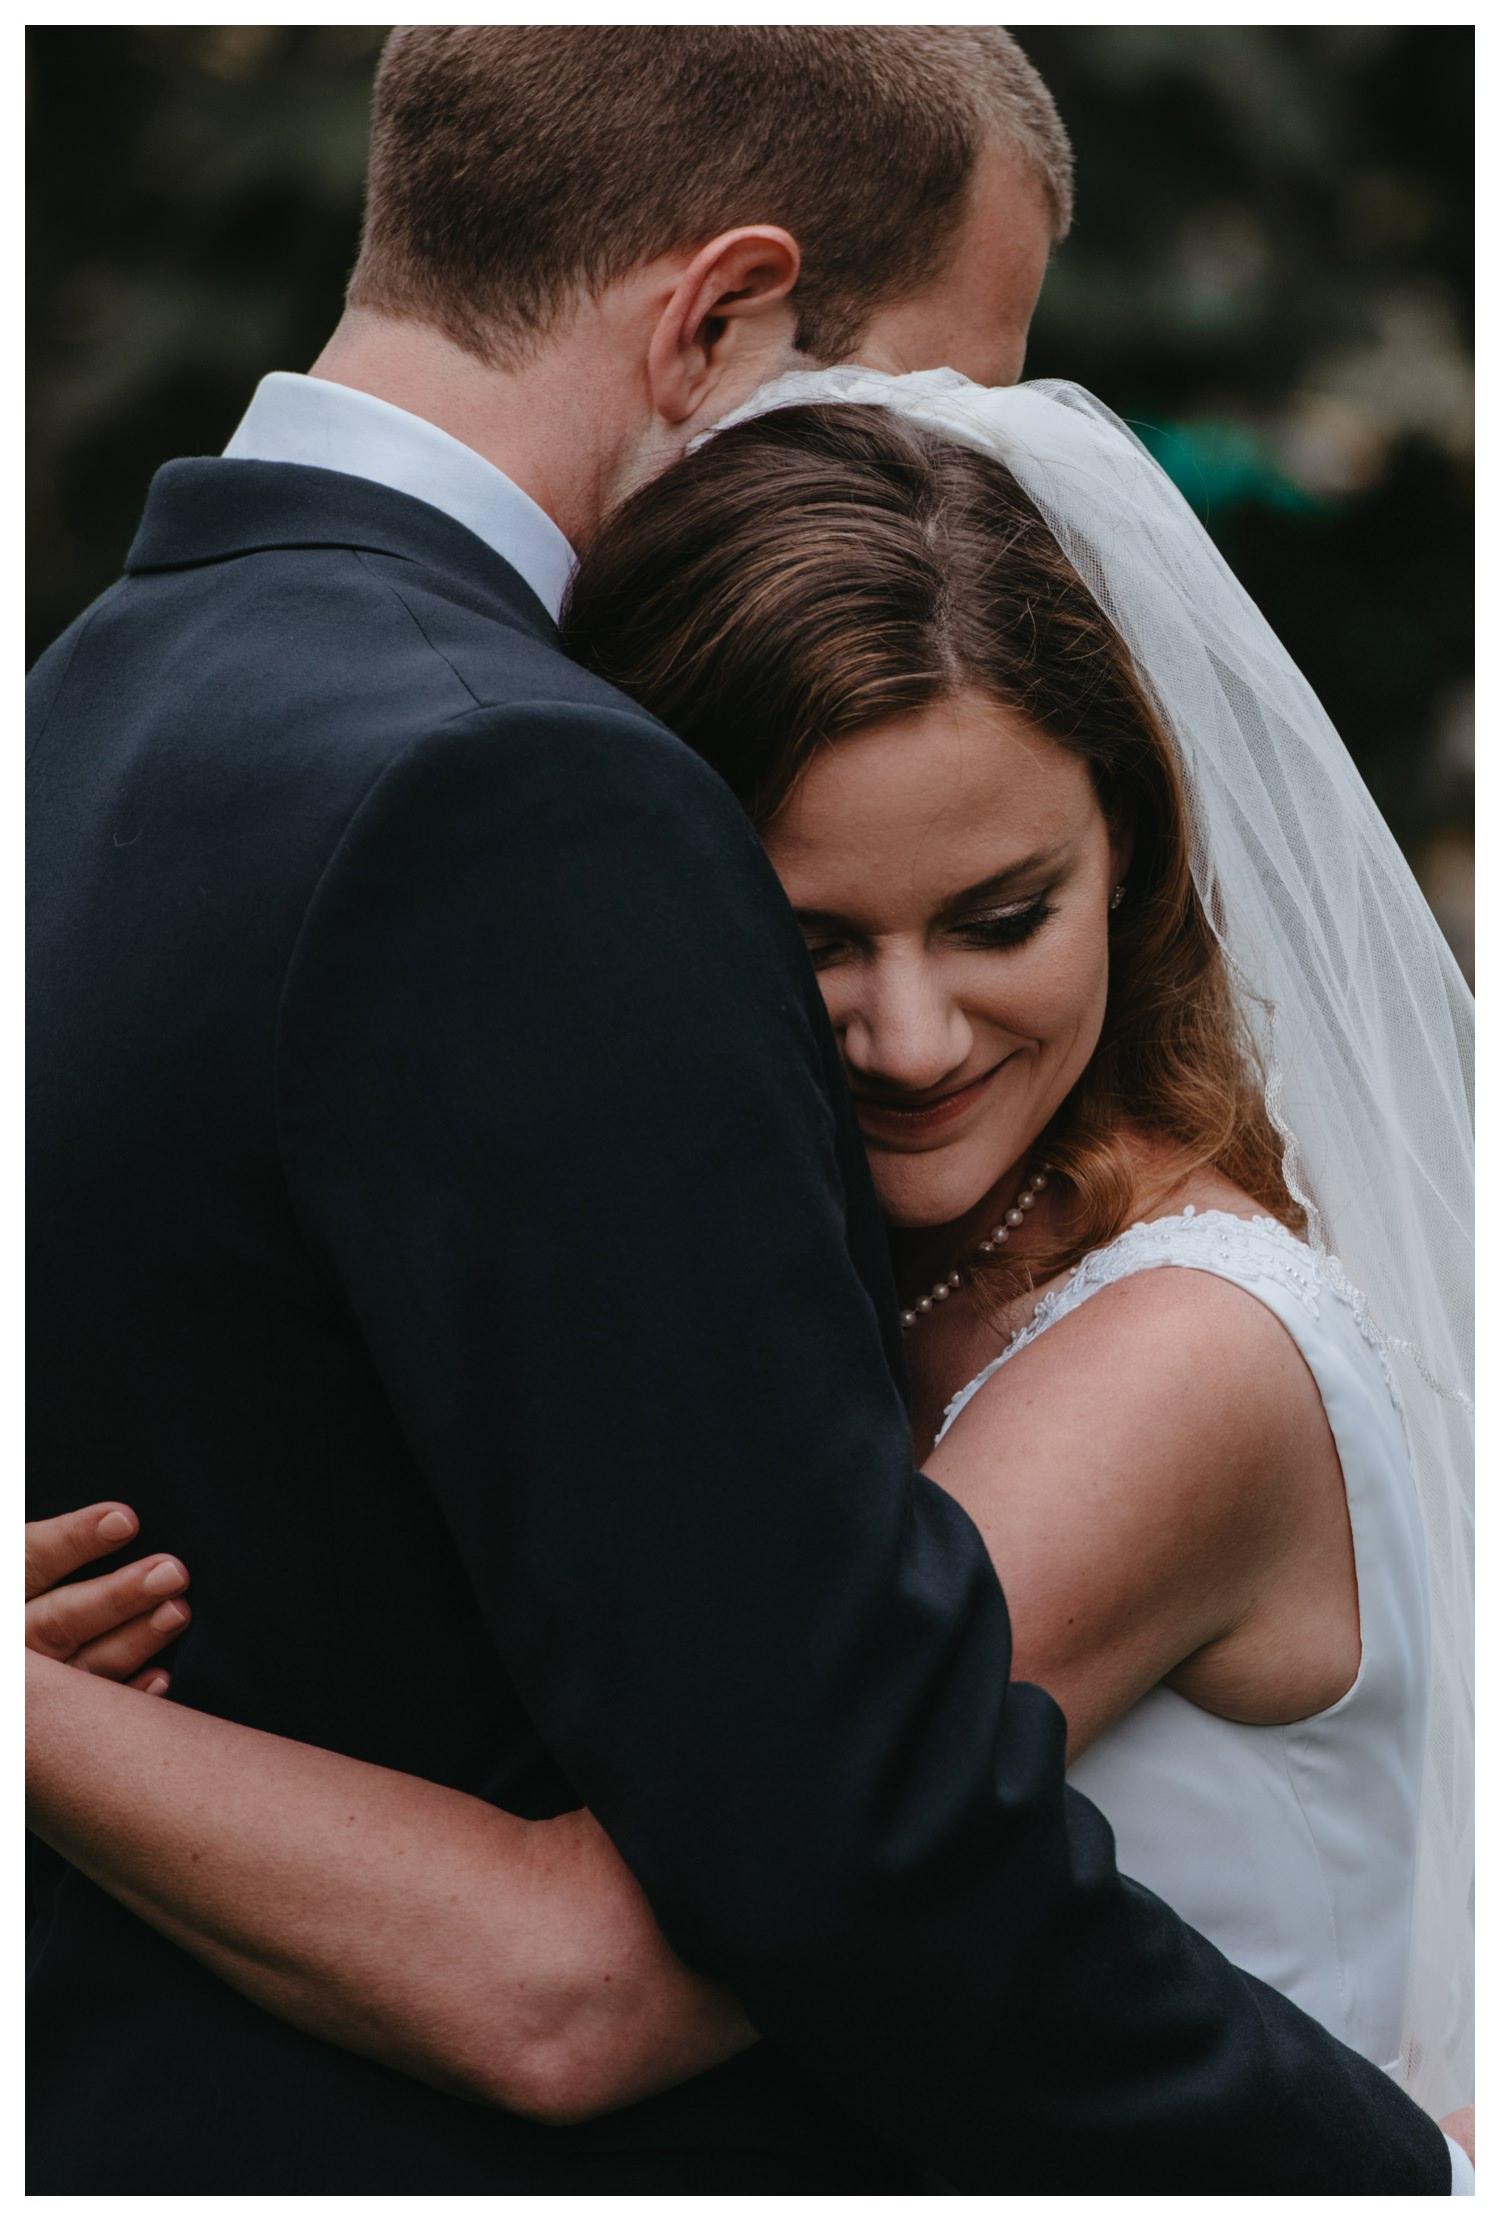 TheSinglers_WeddingPhotography_FallbrookWedding_0113.jpg